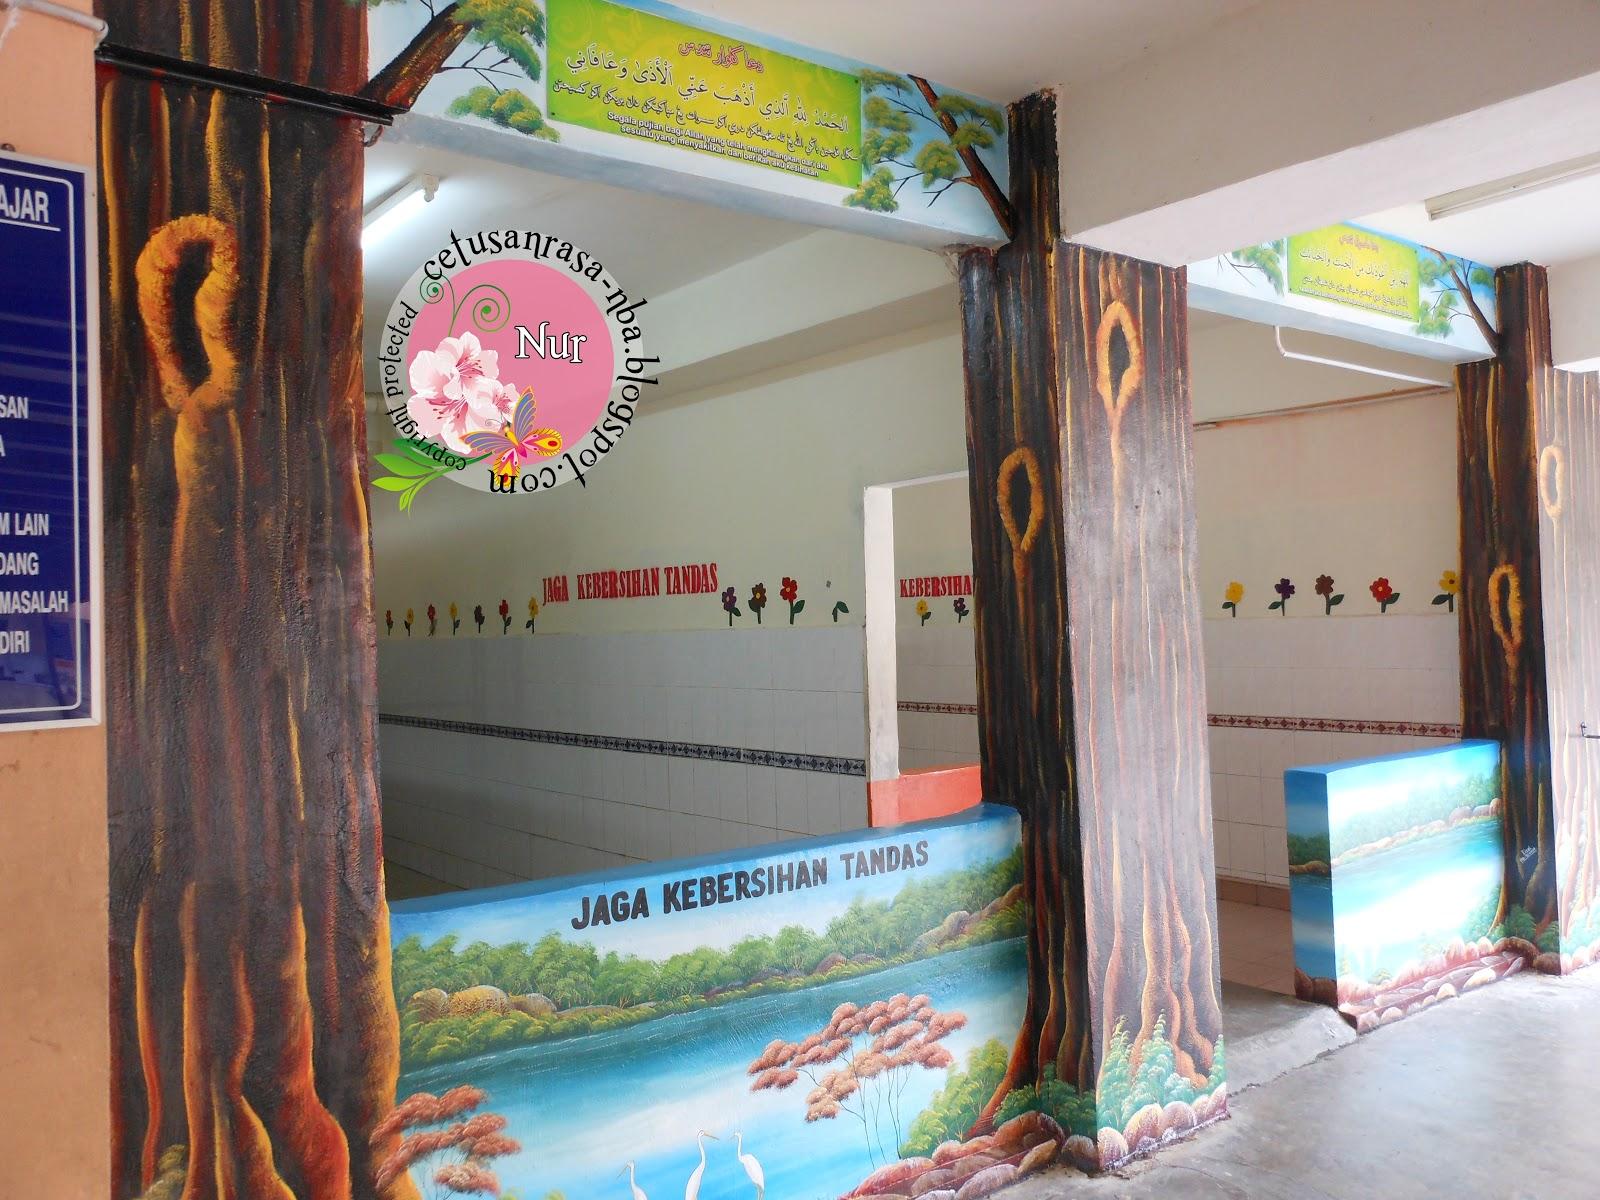 Cetusan rasa cantiknya lukisan mural ni for Mural yang cantik